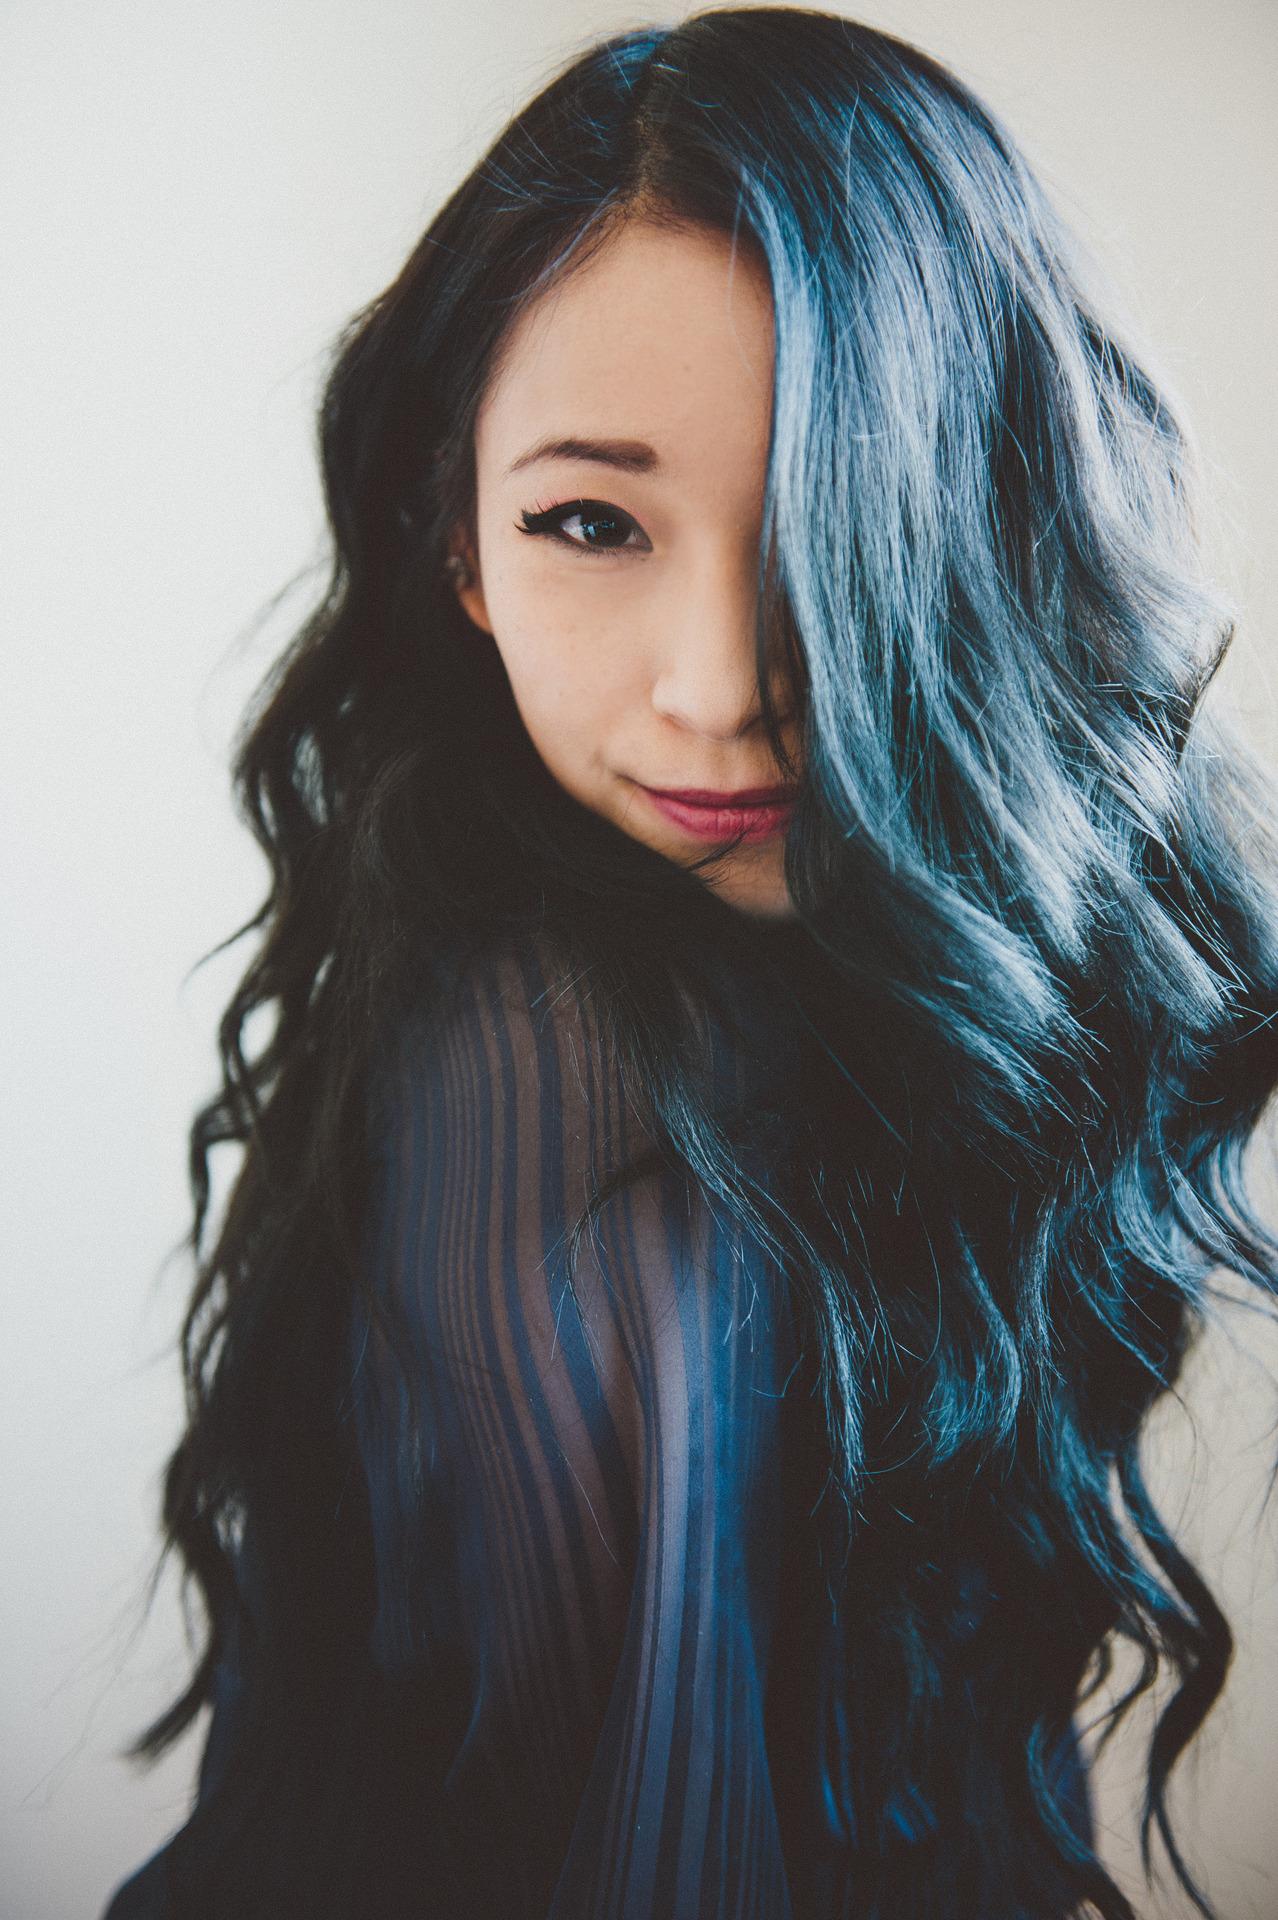 暗髪に透明感をプラス!大人女子のヘアカラーはネイビーがオススメのサムネイル画像